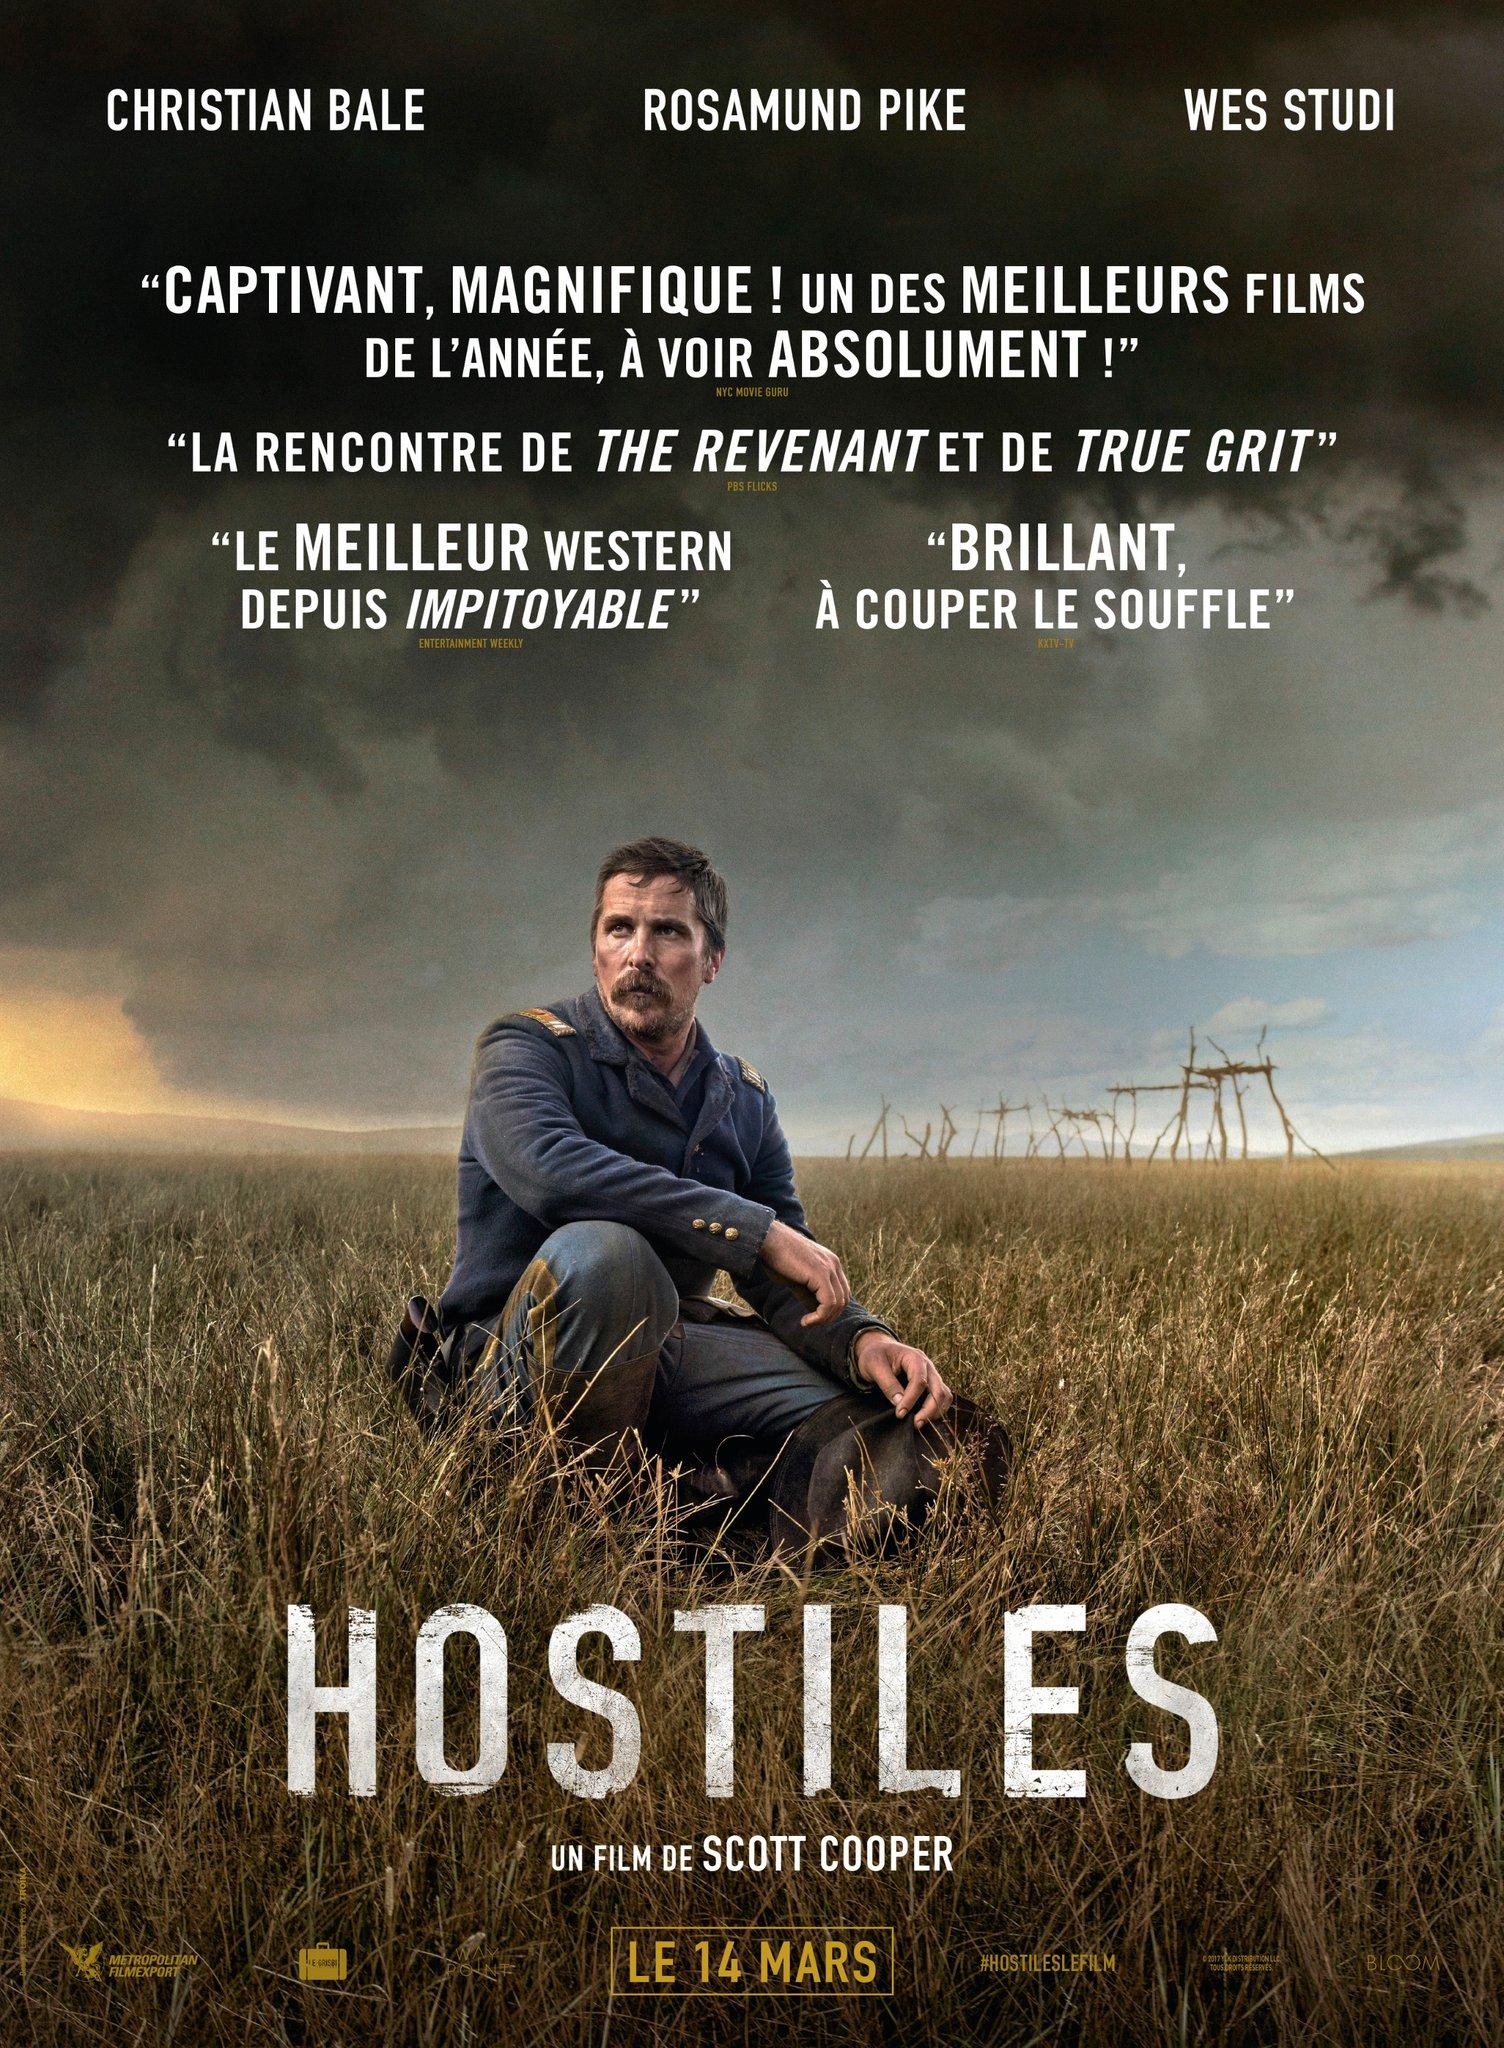 «Hostiles» : Un western humaniste, pro-amérindien et féministe de Scott Cooper avec Christian Bale et Rosamund Pike